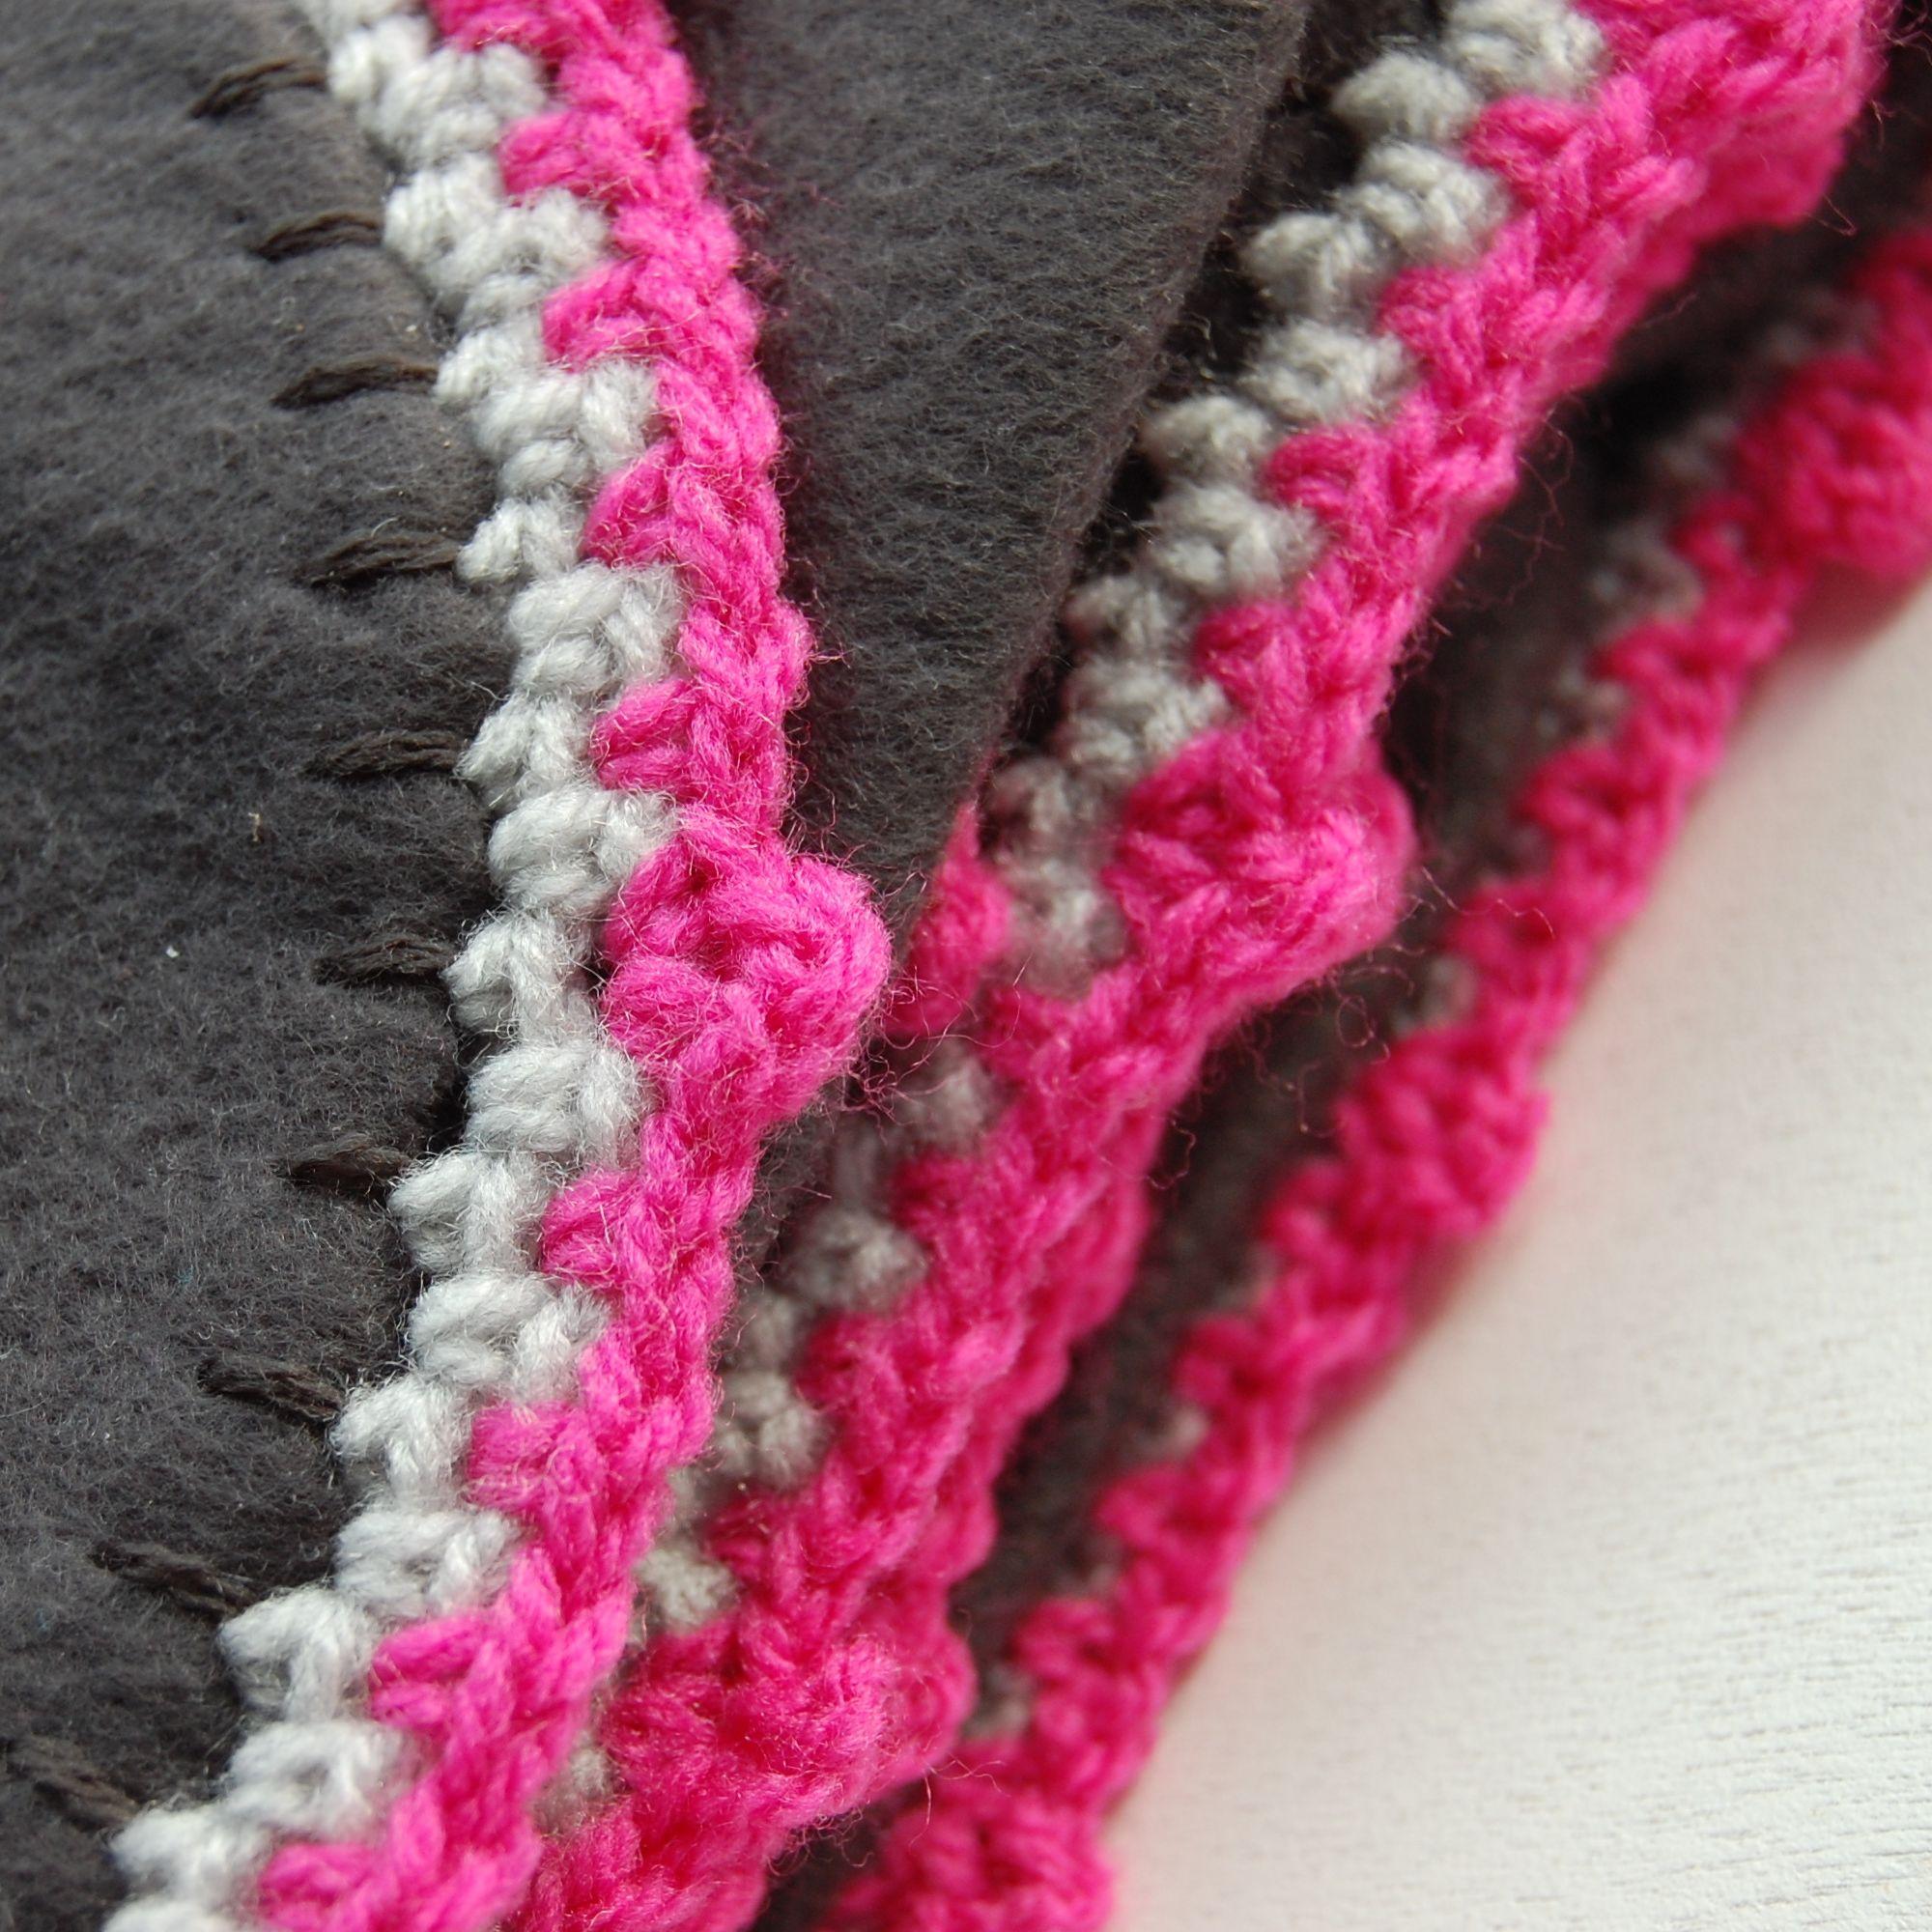 Fabulous Mooi randje haken om een fleece deken | anexe paturici - Knit #NP17